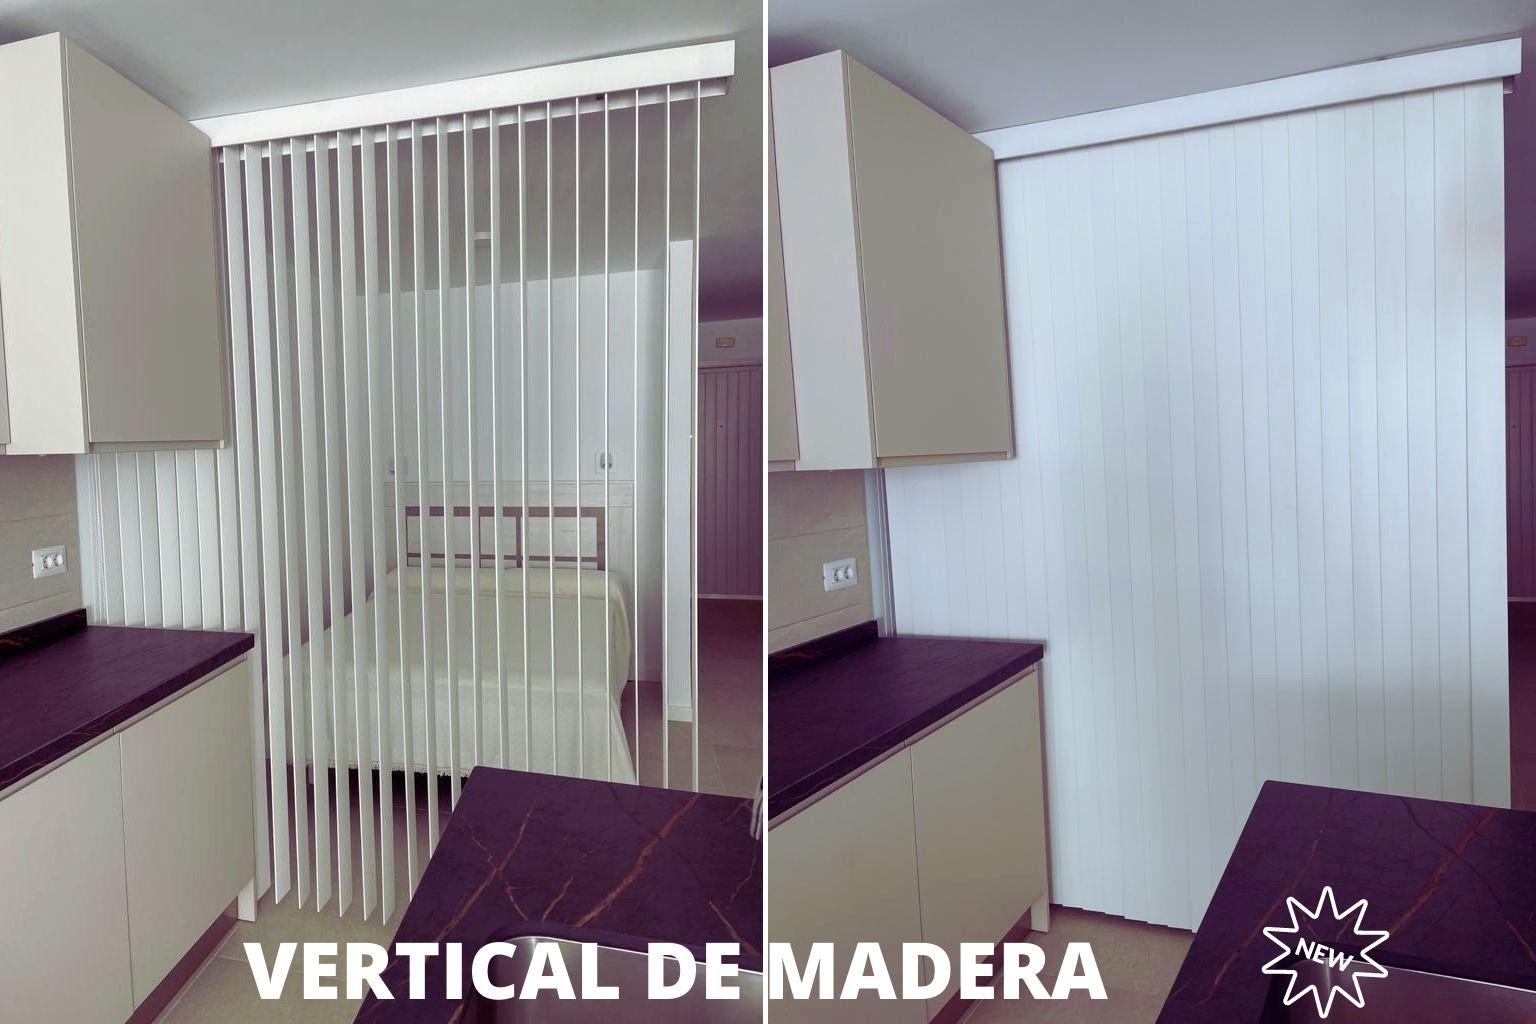 VERTICALES DE MADERA